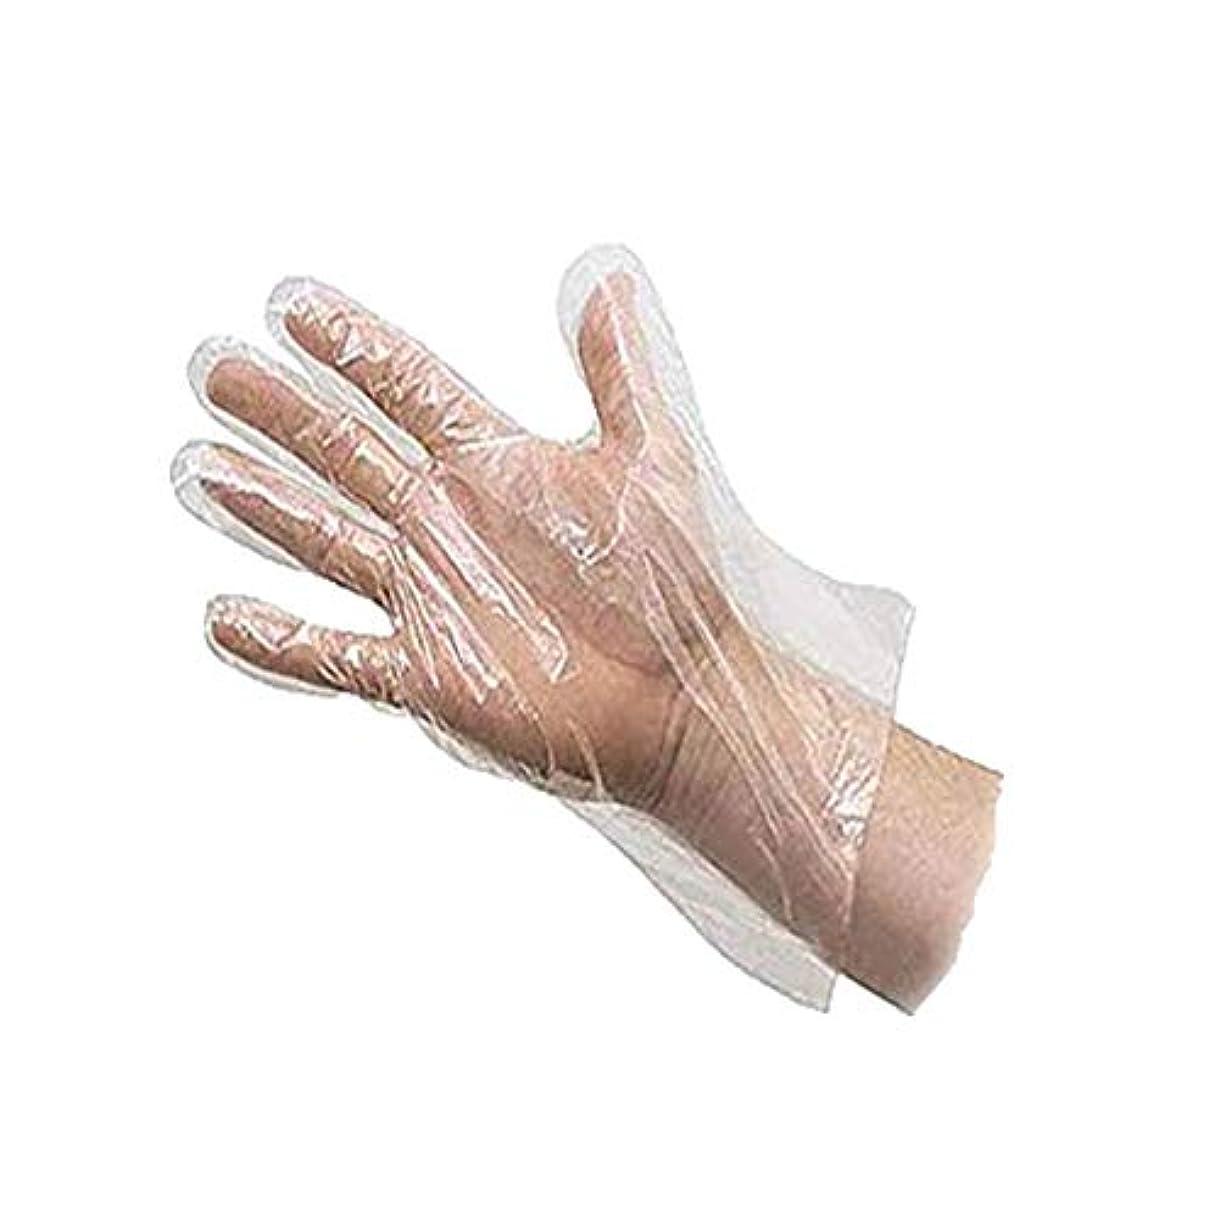 辞任する添加風Outflower 使い捨て手袋 調理用 食品 プラスチック ホワイト 粉なし 食品衛生 透明 左右兼用 薄型 ビニール極薄手袋 100枚入り